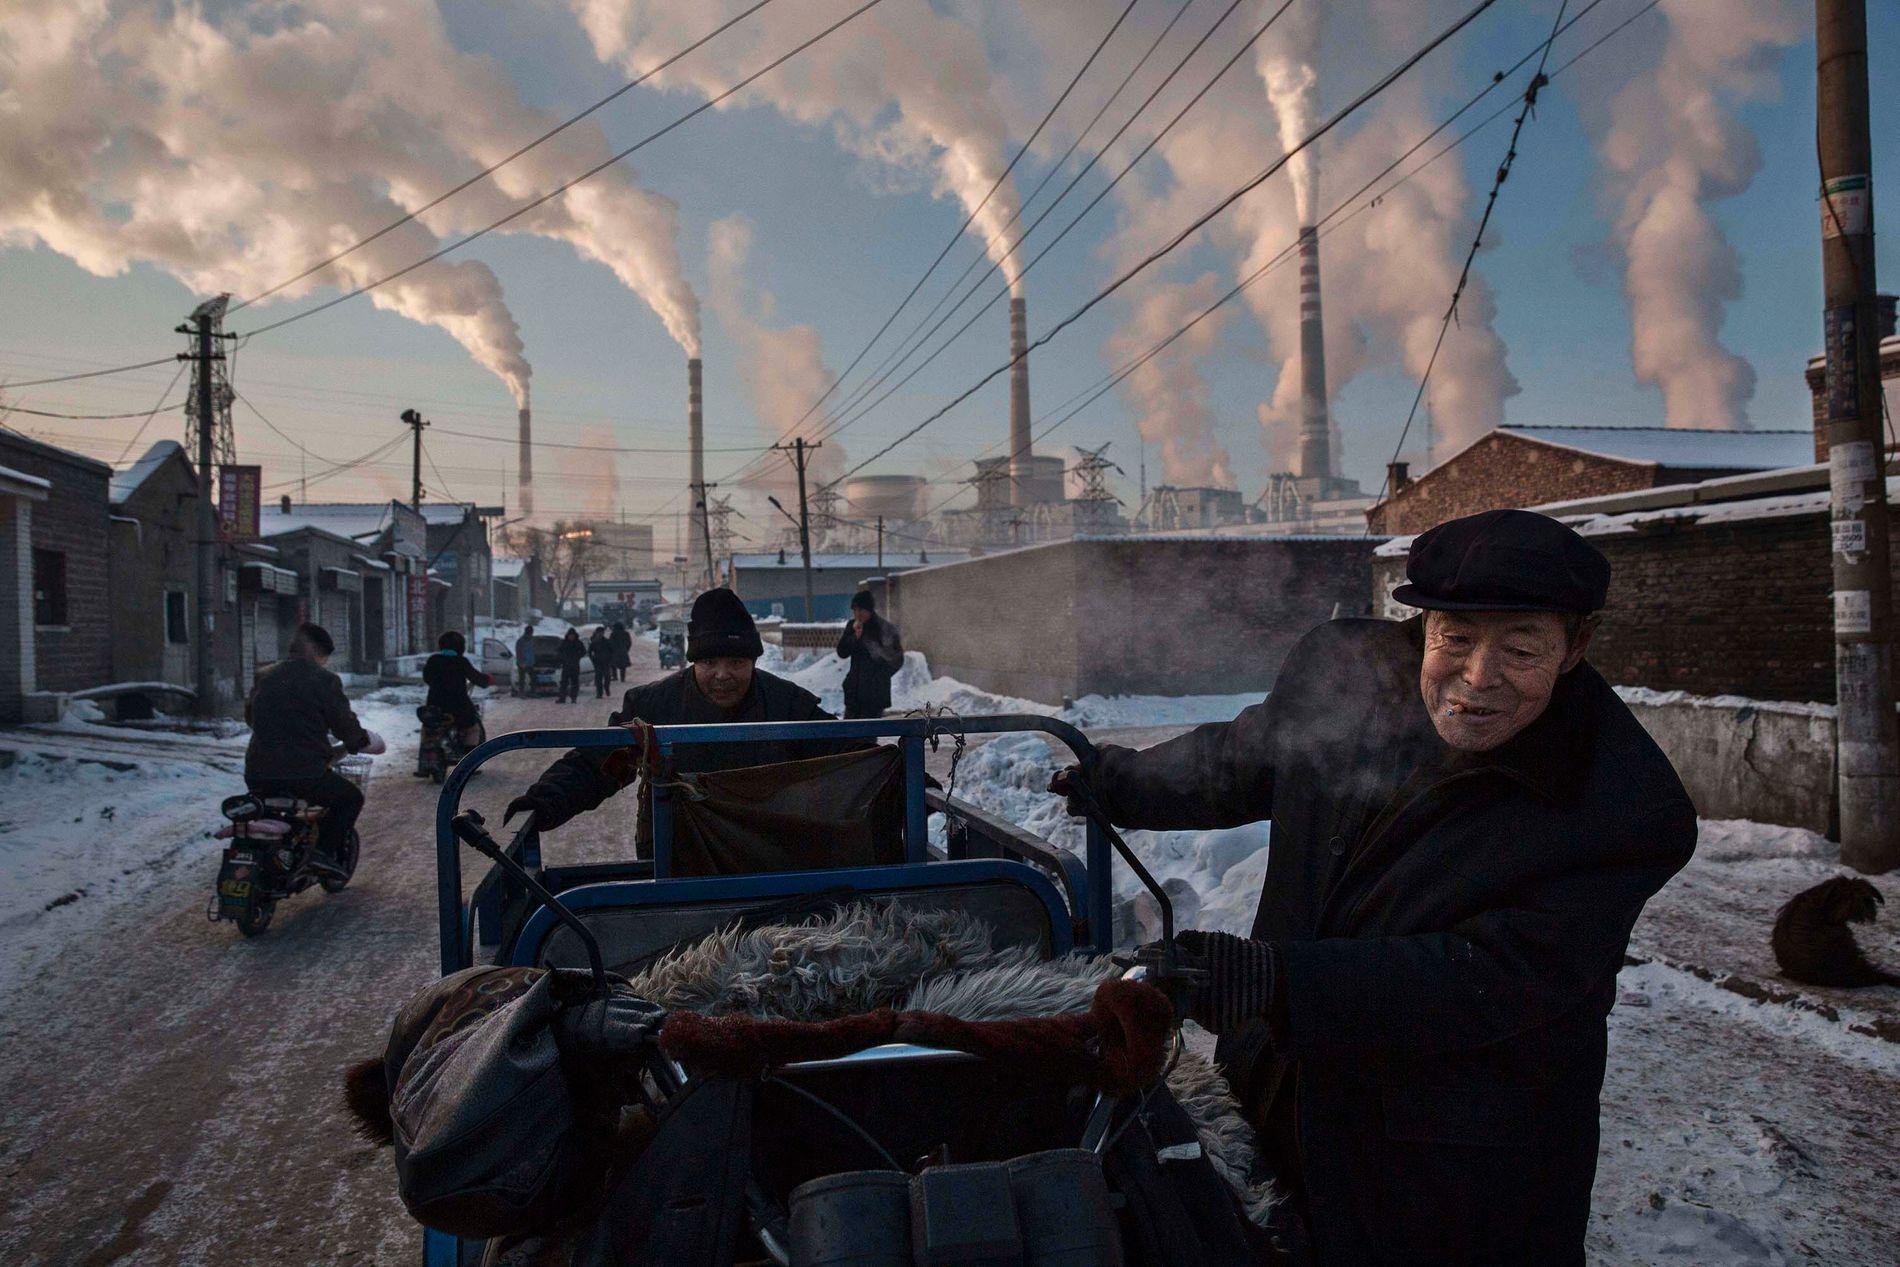 KULL OVER TOPPEN? Flere klimaforskere mener Kina kan bli nøkkelen i kampen mot klimaendringer og utslipp i fremtiden. Her kinesiske menn ved det store kullkraftverket i Shanxi i november 2015.